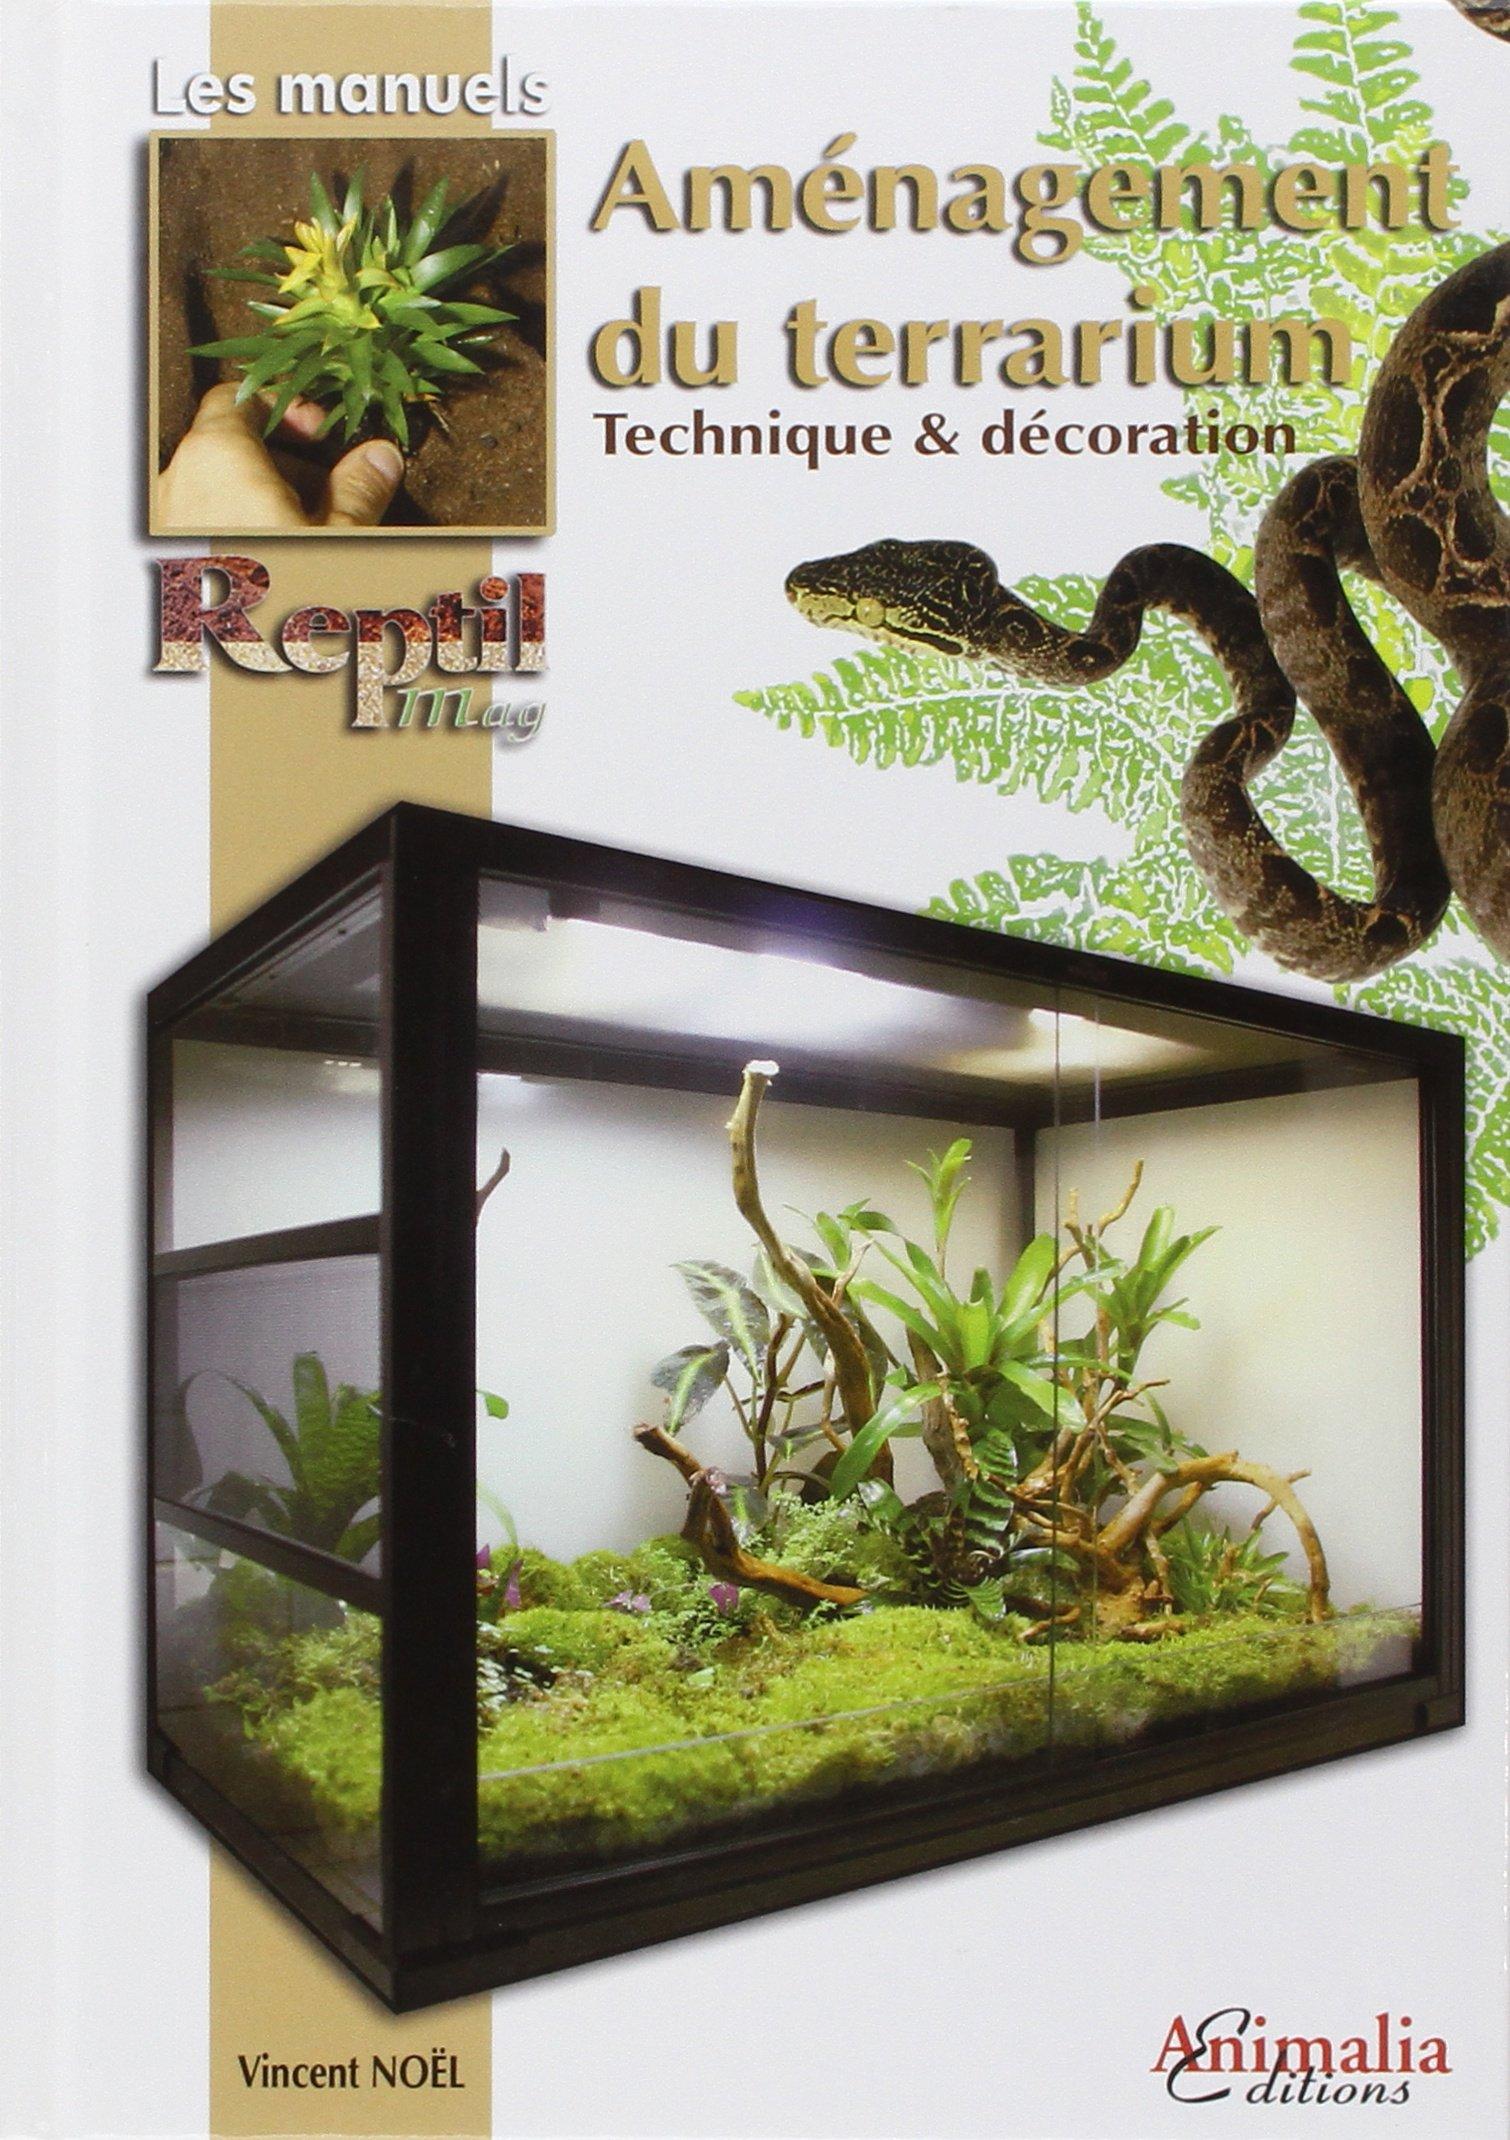 L'Aménagement du terrarium: Techniques et décoration Broché – 18 octobre 2012 Vincent Noël Animalia 2359090259 LIVRES PRATIQUES